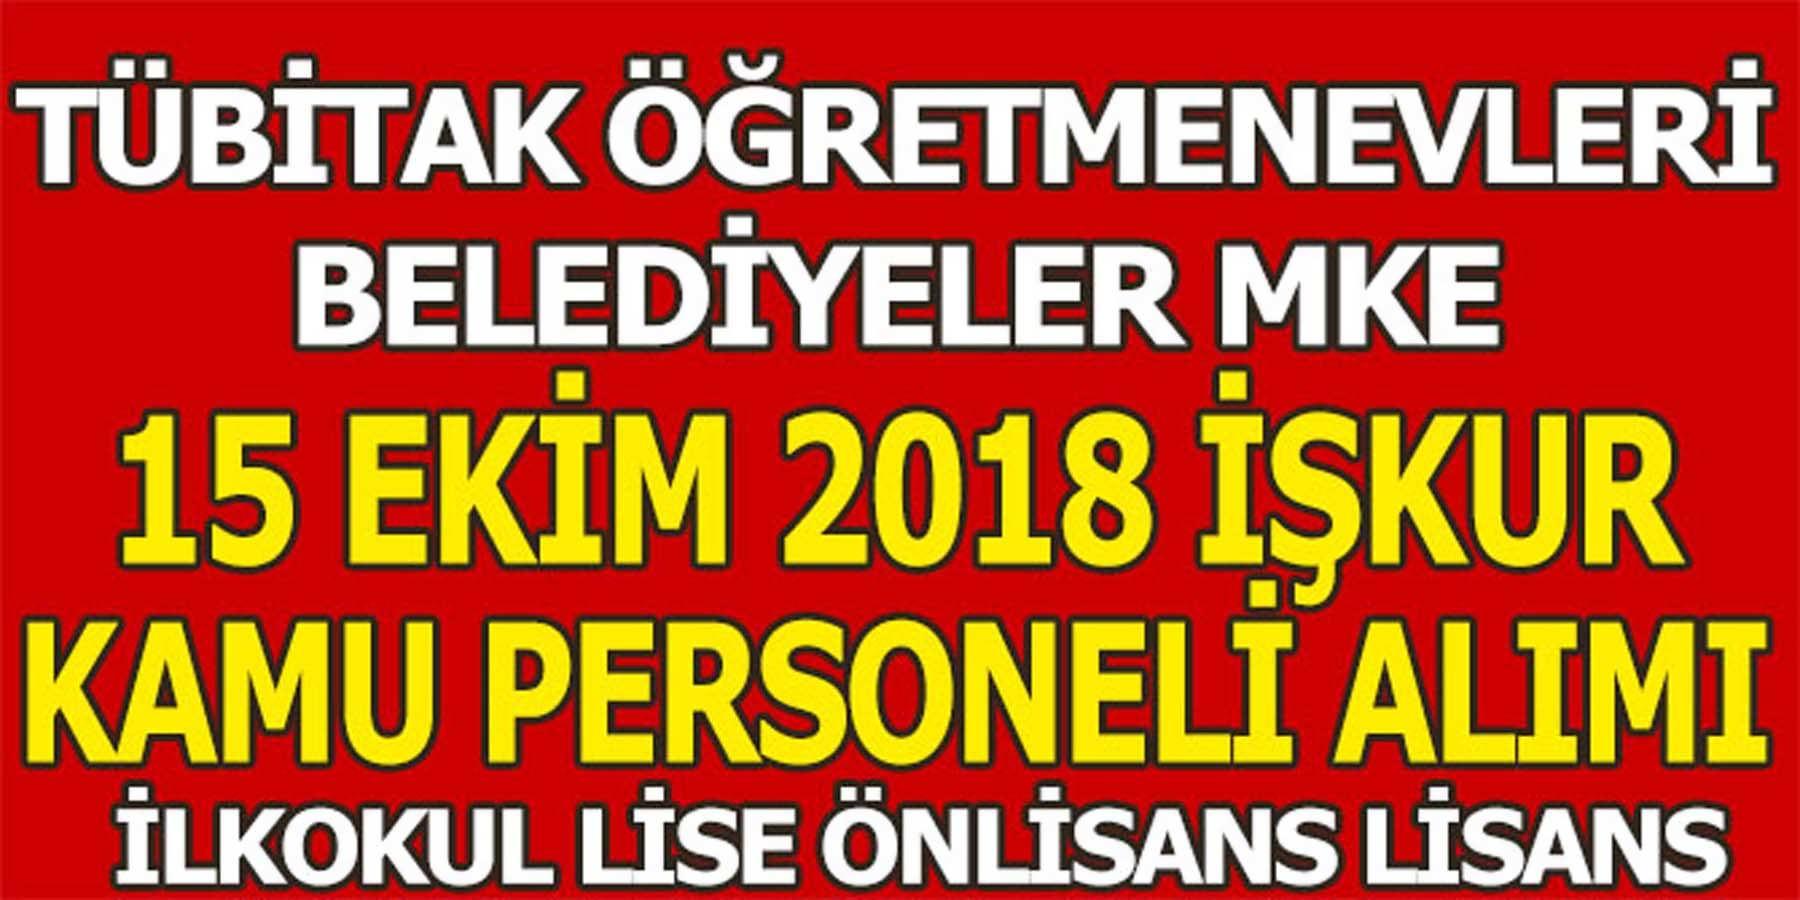 15 Ekim İŞKUR Kurumlara Kamu Personeli Alımı (MKE TÜBİTAK Öğretmenevi Belediye)